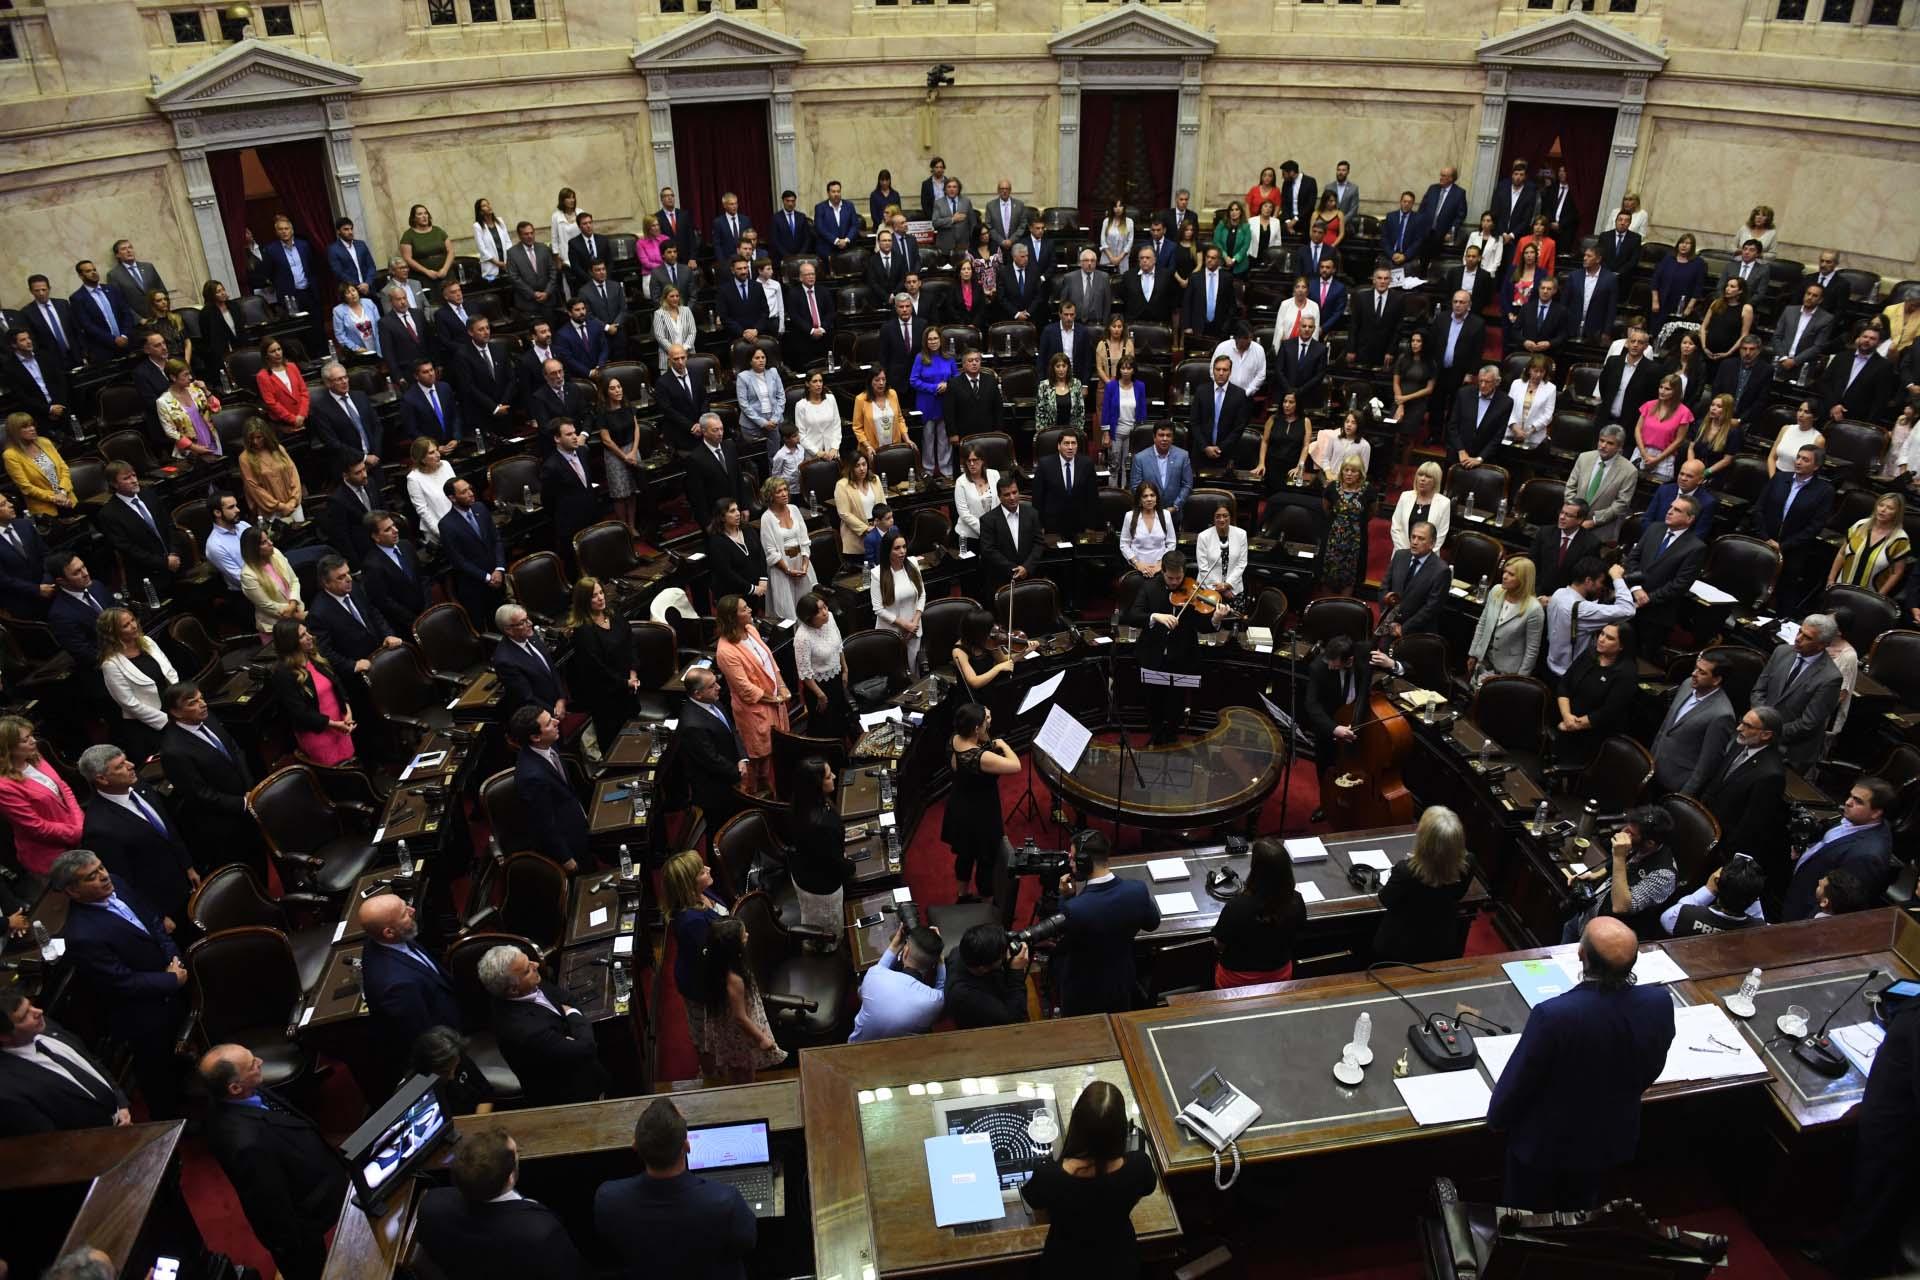 Vista general de la Cámara de Diputados